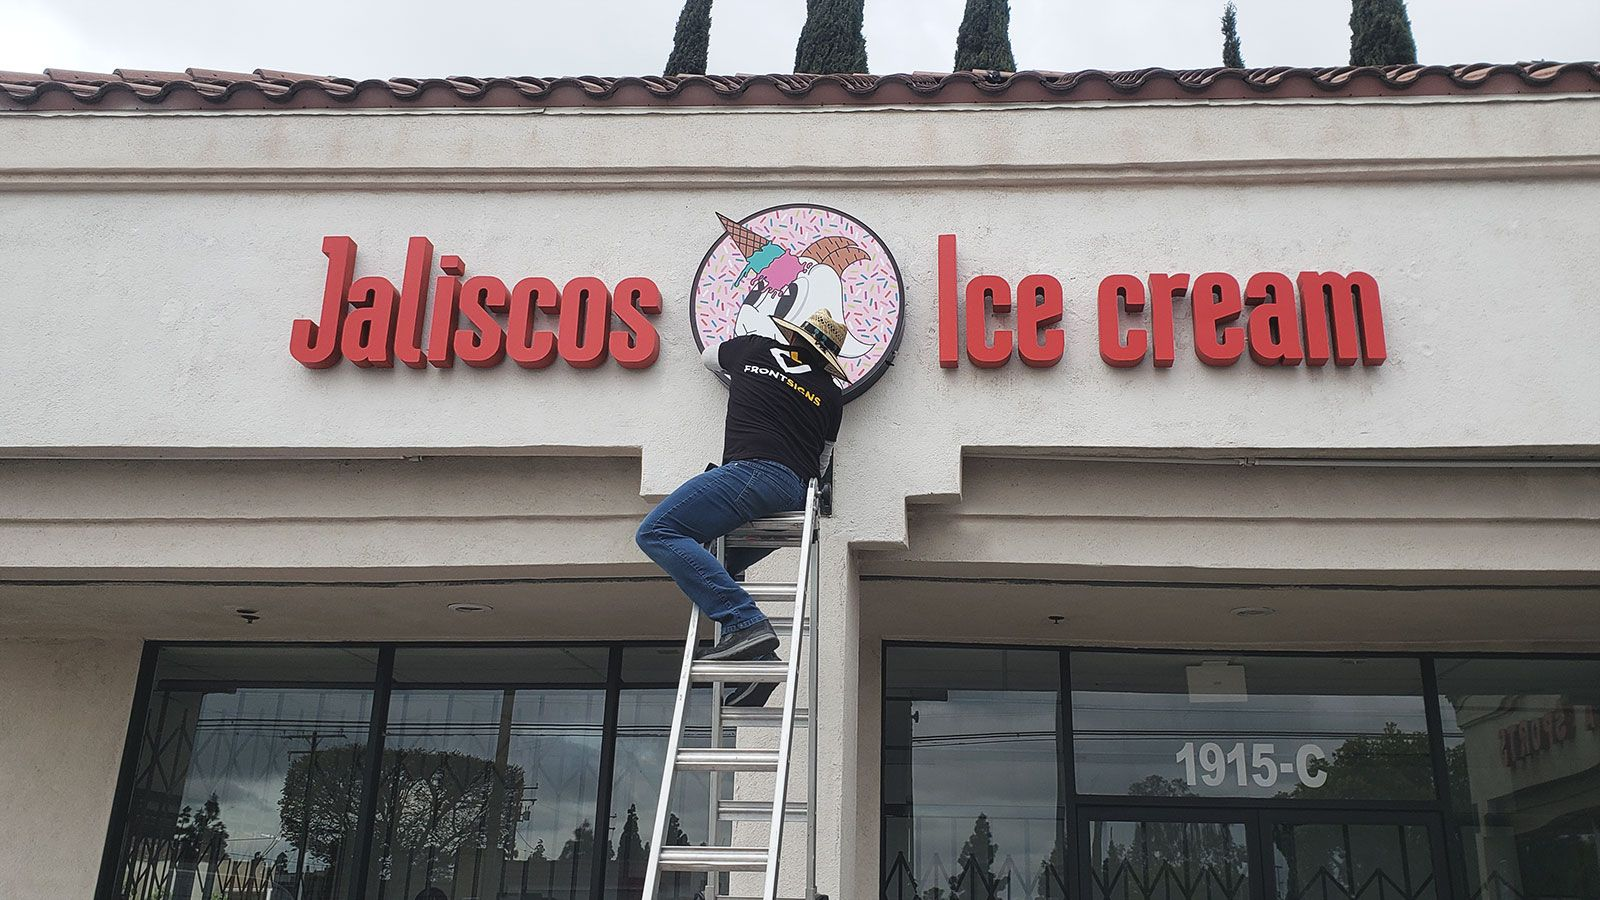 Jaliscos sign installation